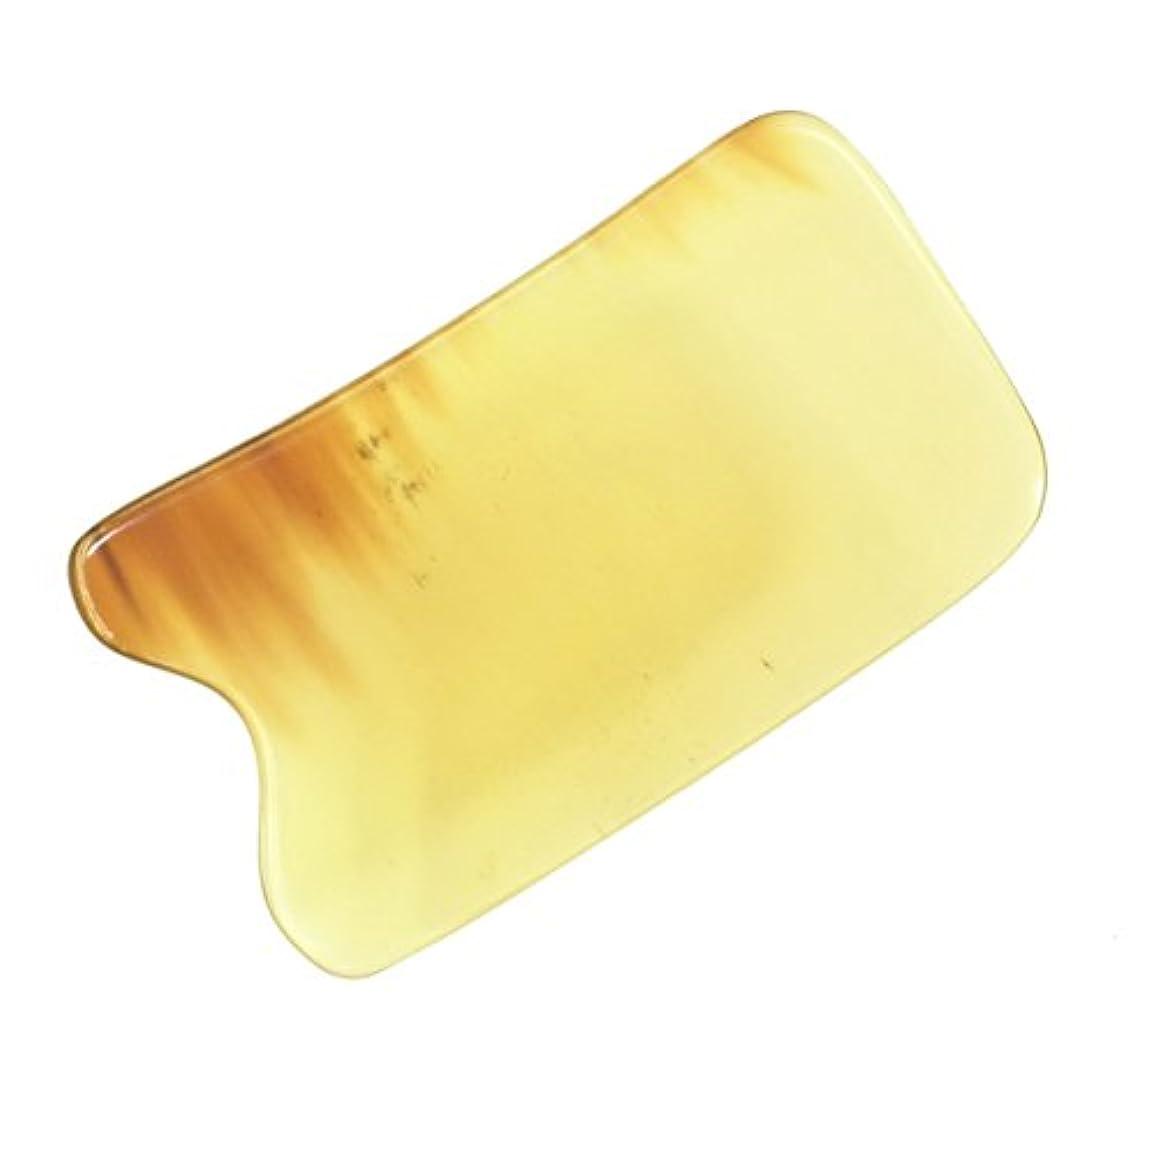 差し迫ったサワー判定かっさ プレート 厚さが選べる 水牛の角(黄水牛角) EHE219 四角凹 一般品 標準 (5ミリ程度)